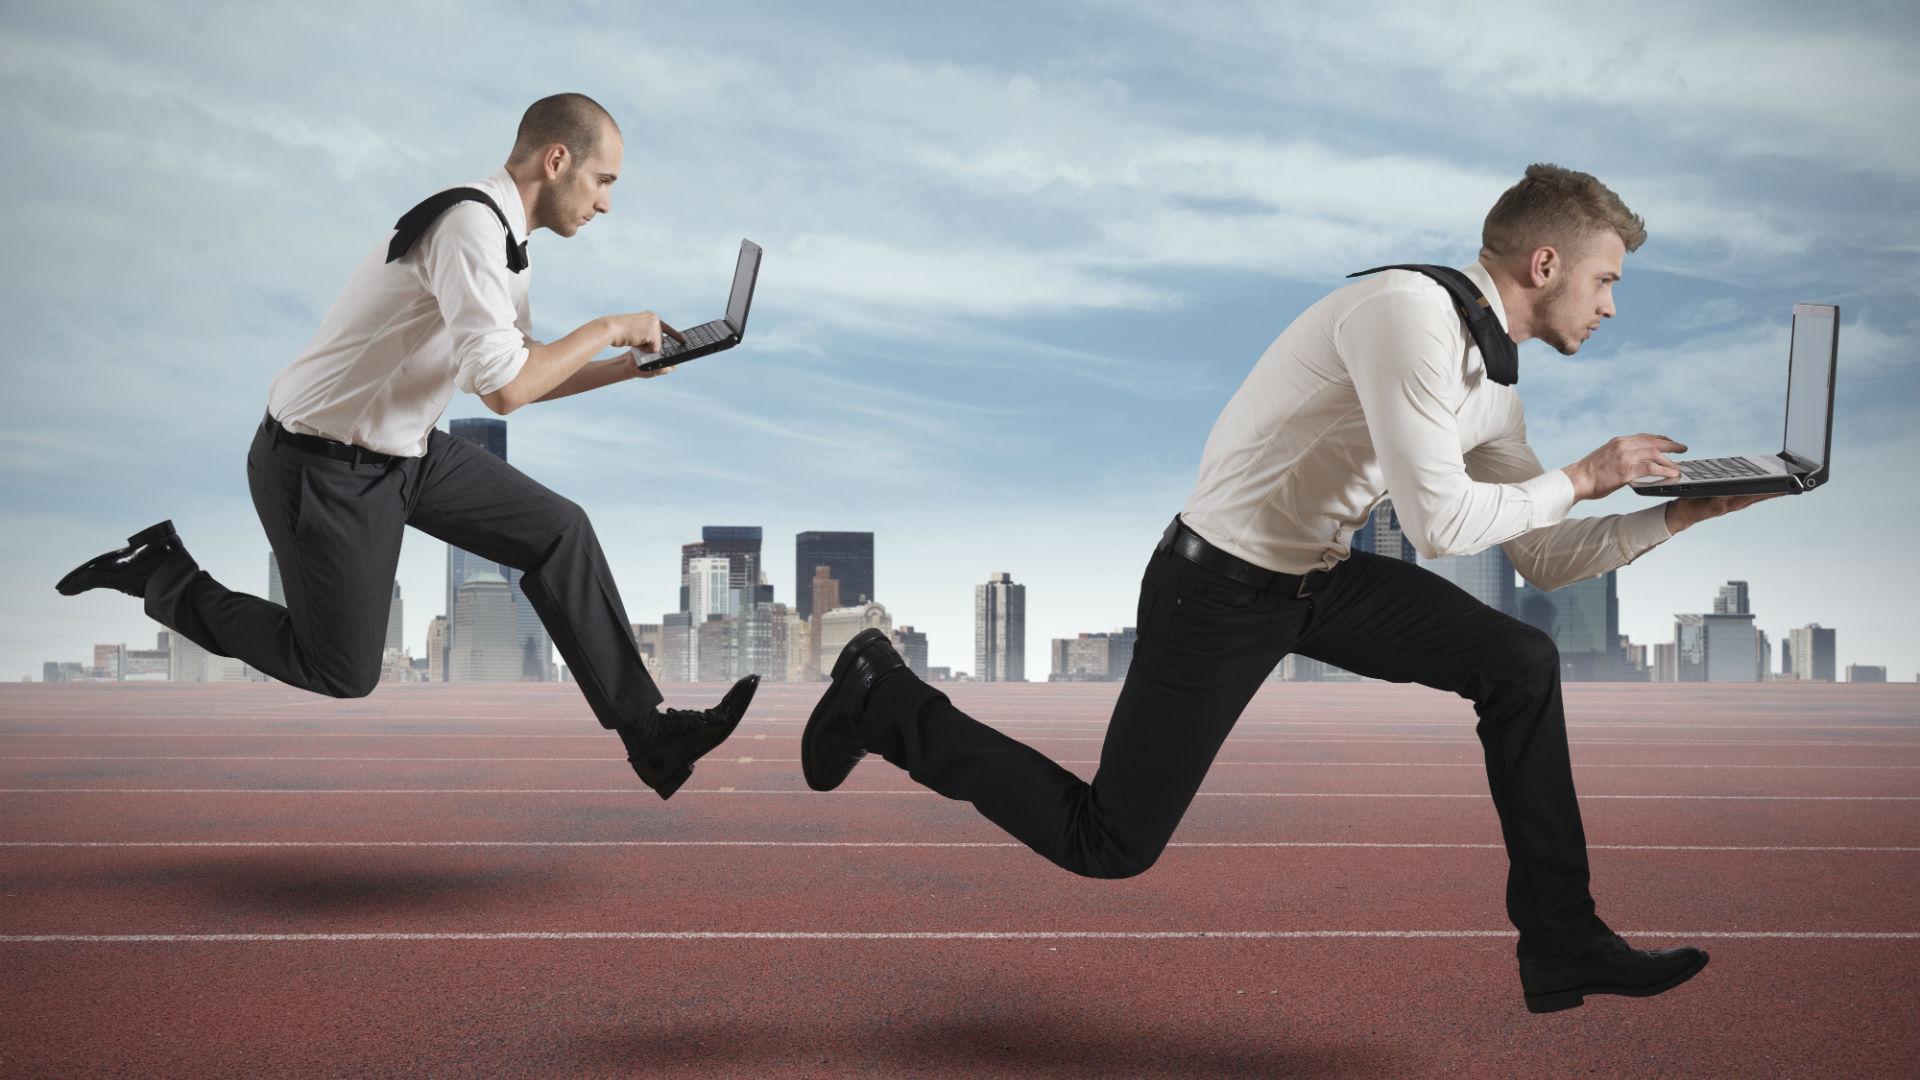 30 نصيحة لمساعدتك على النجاح- يجب أن تكون دائمًا متقدمًا على احتياجاتك